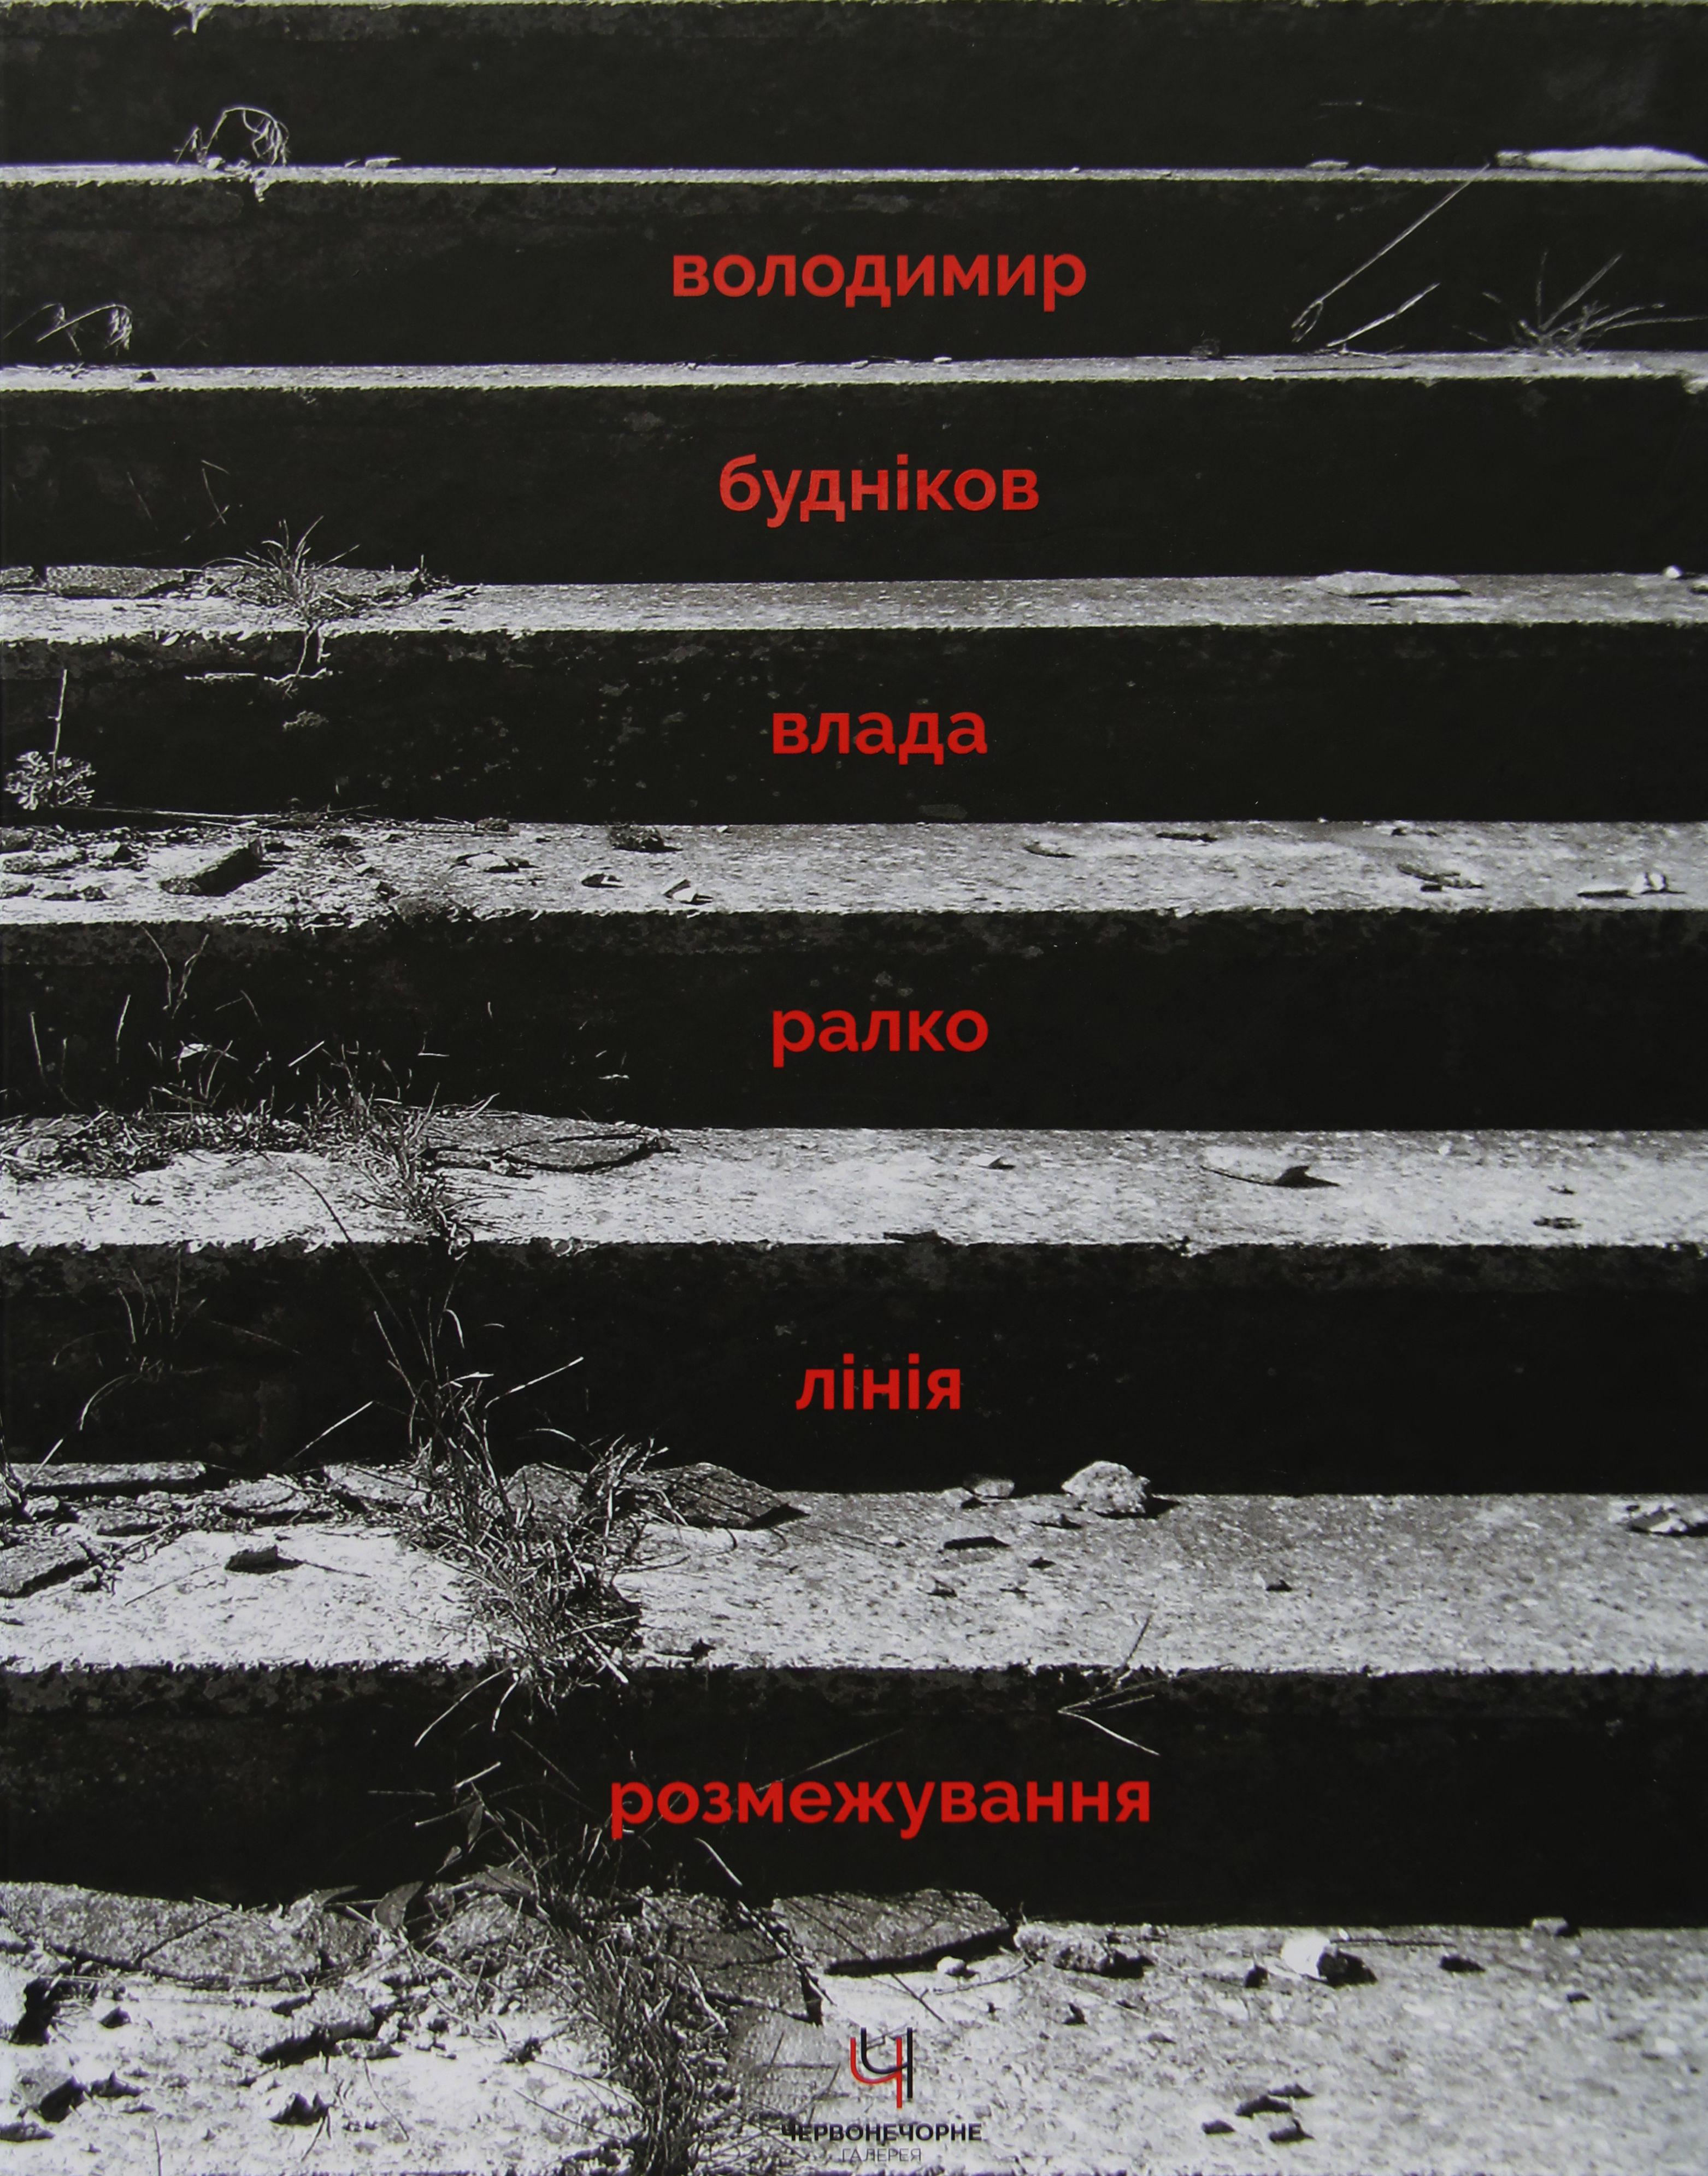 Володимир Будніков, Влада Ралко. Лінія розмежування